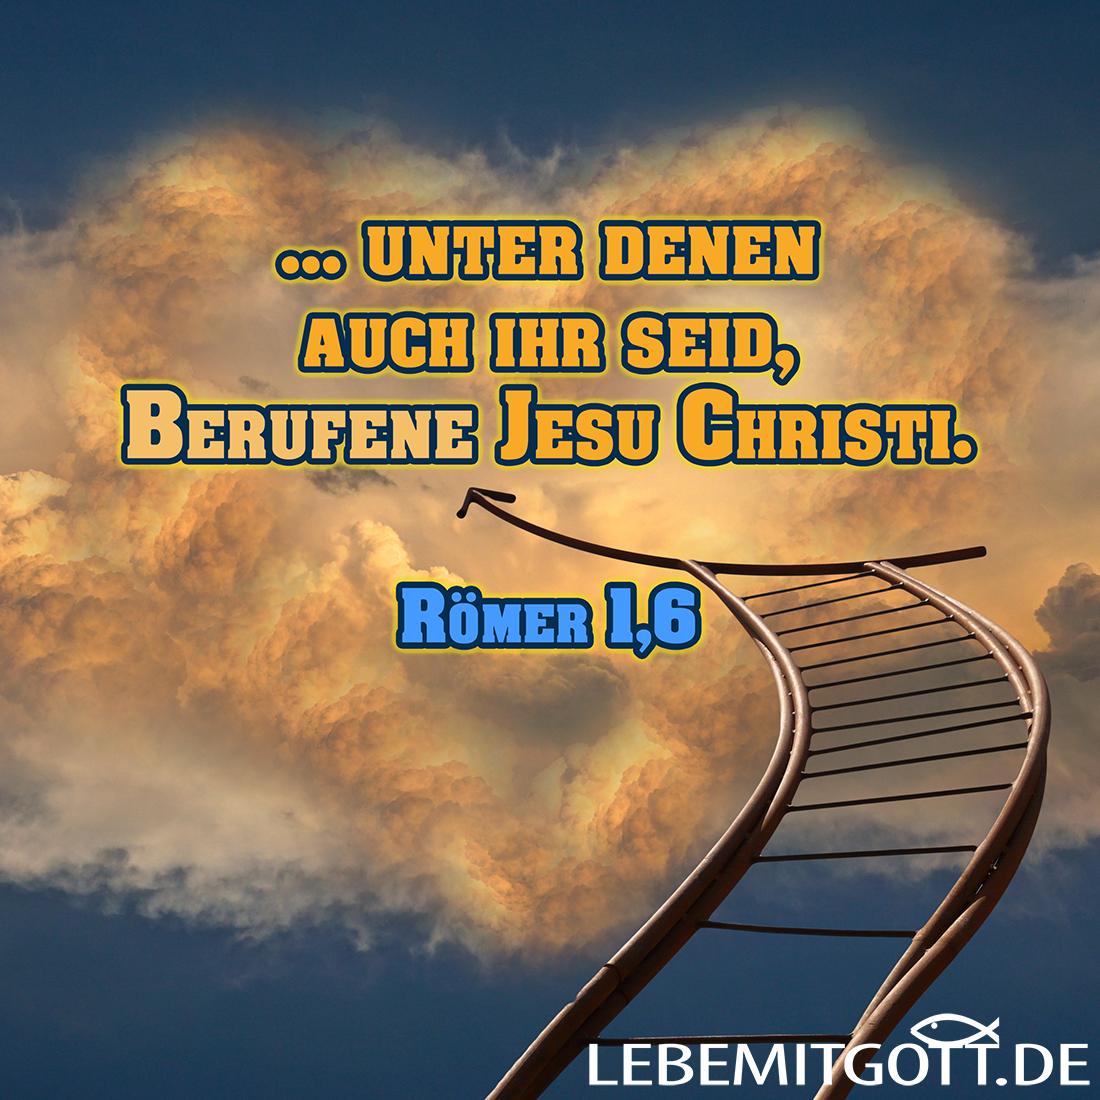 Berufene Jesu Christi